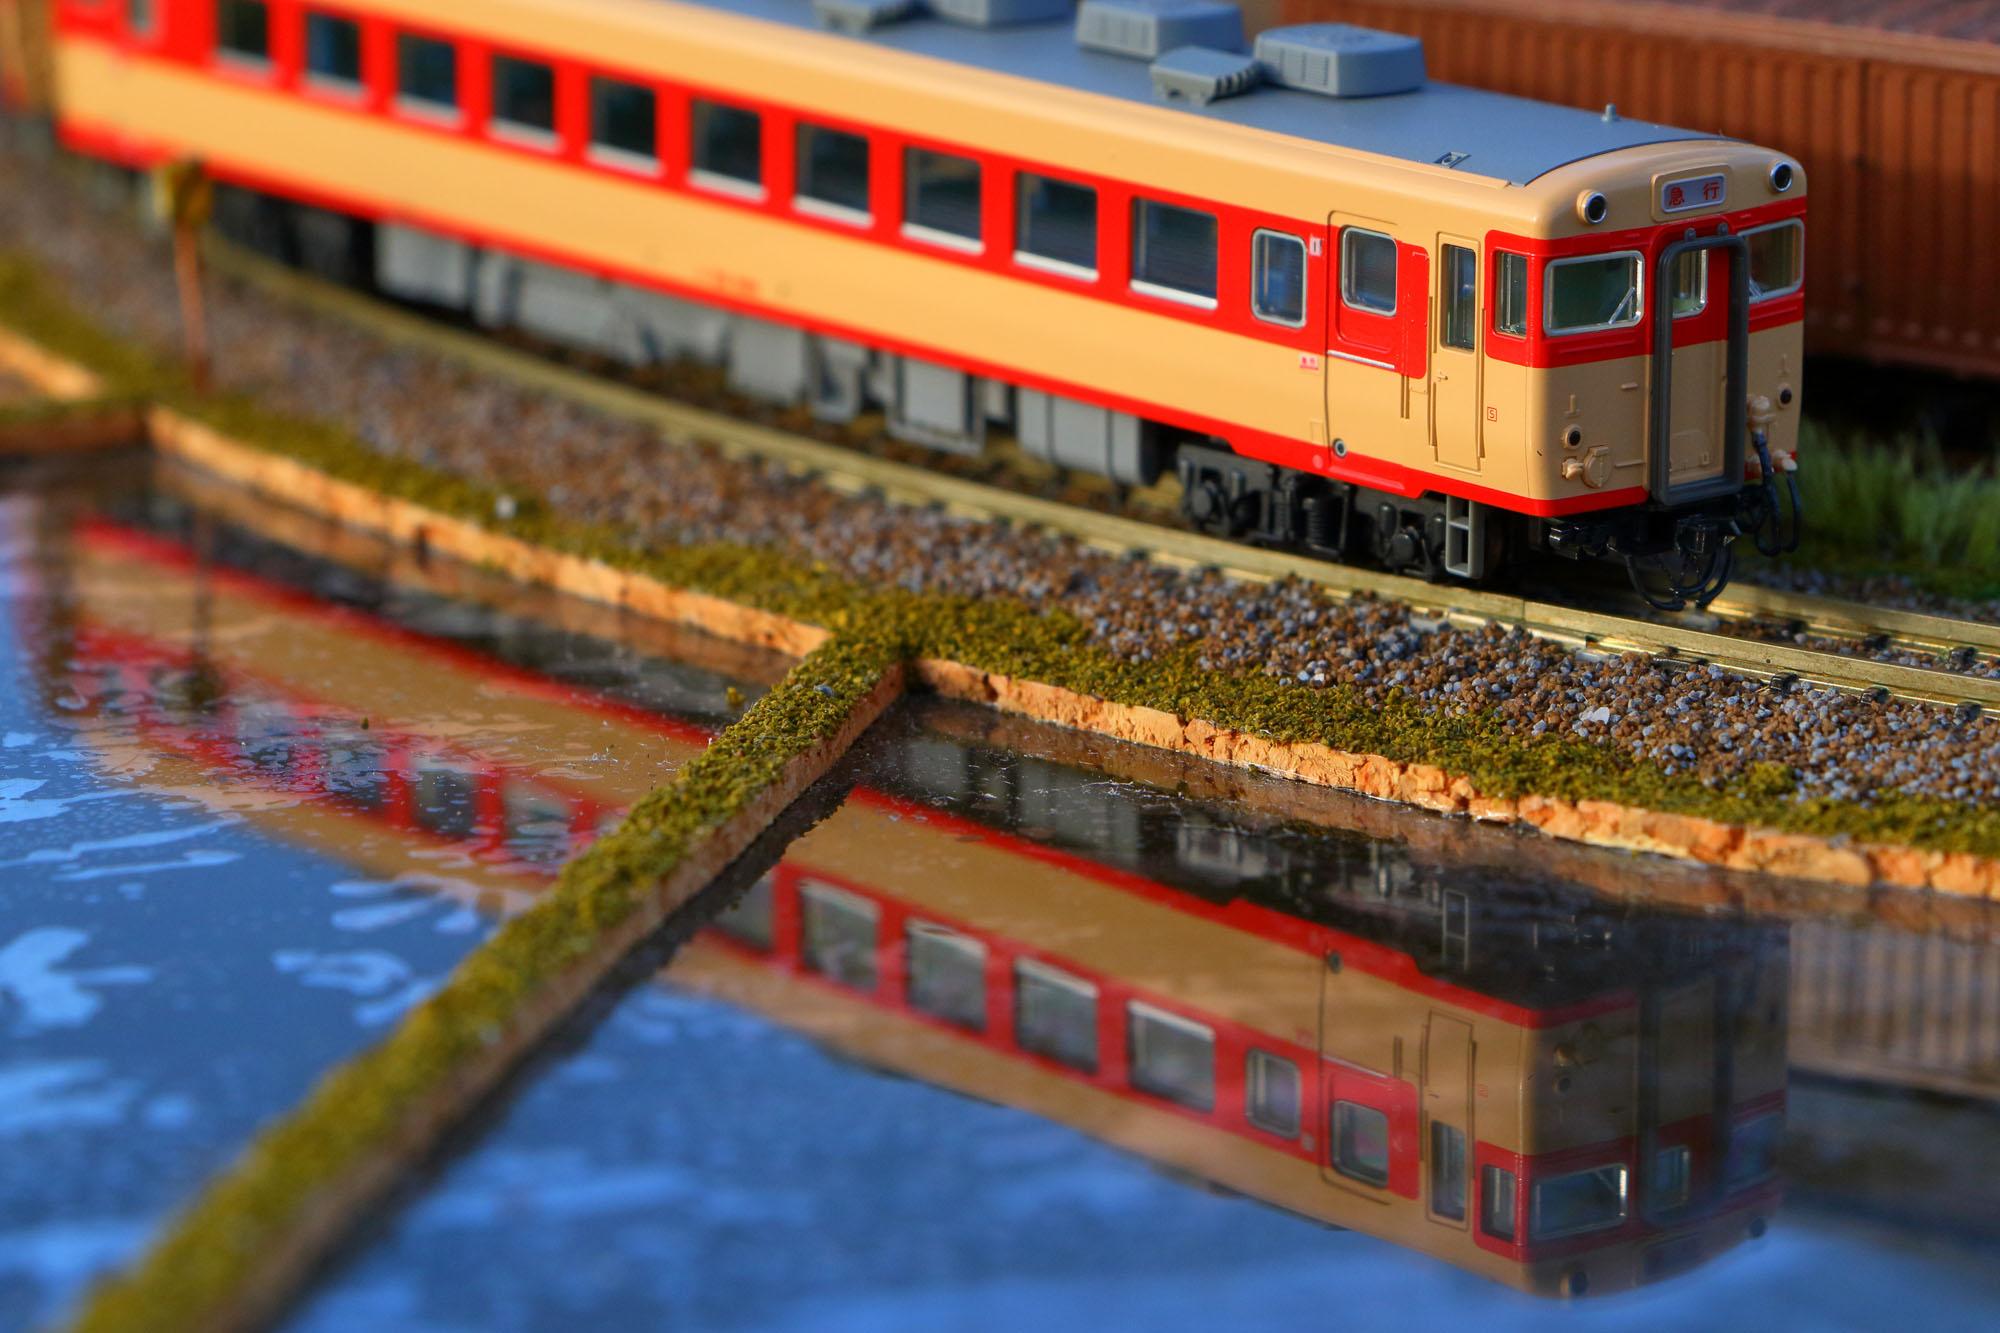 ジオラマの中を走る鉄道模型